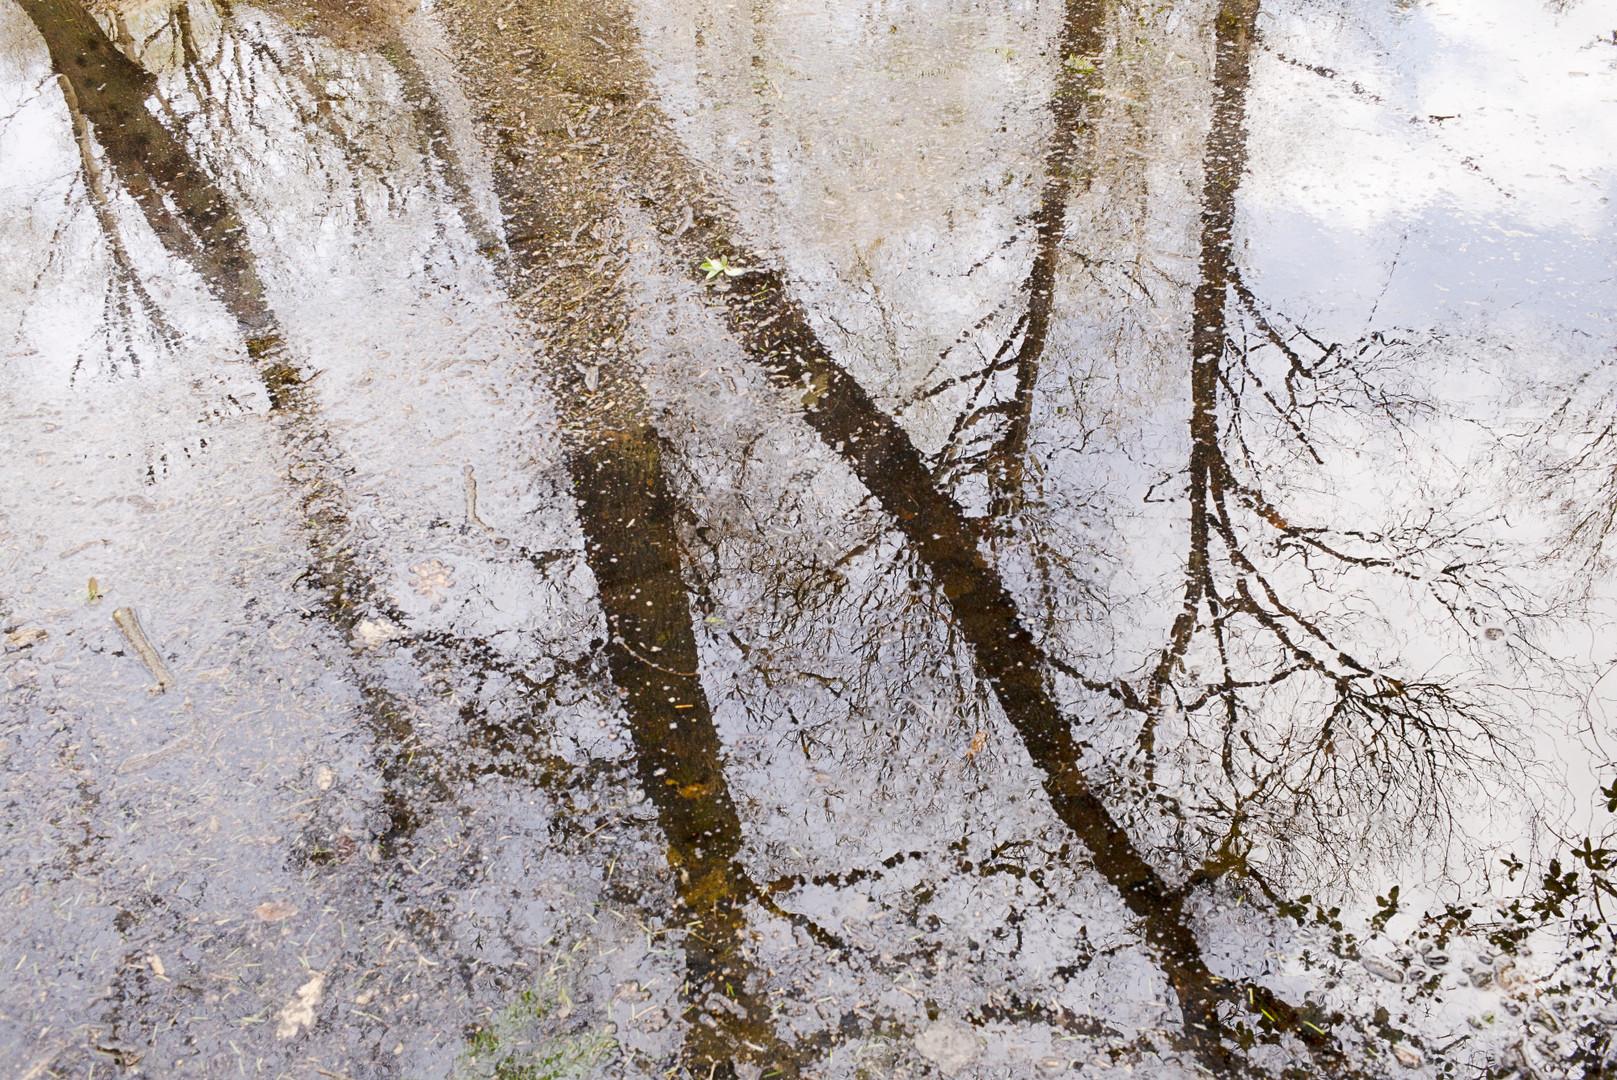 Leaves in Dirty Pool II